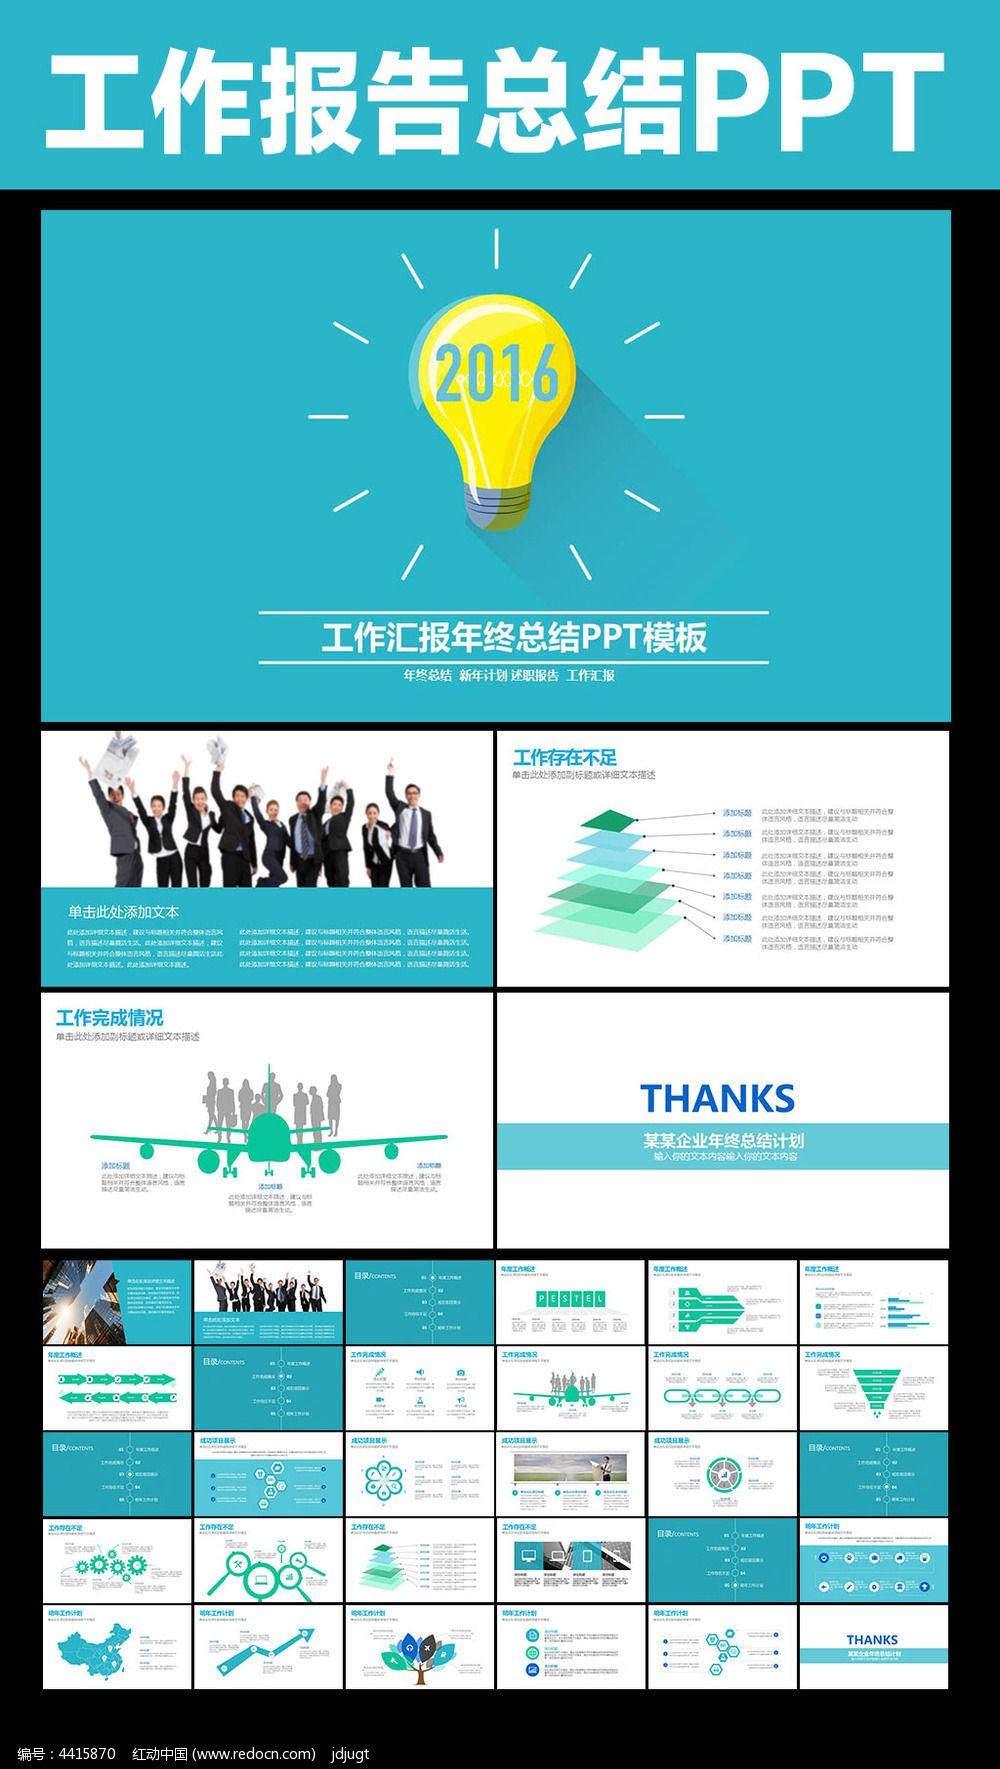 原创设计稿 ppt模板/ppt背景图片 ppt背景 > 职场工作会议项目规划